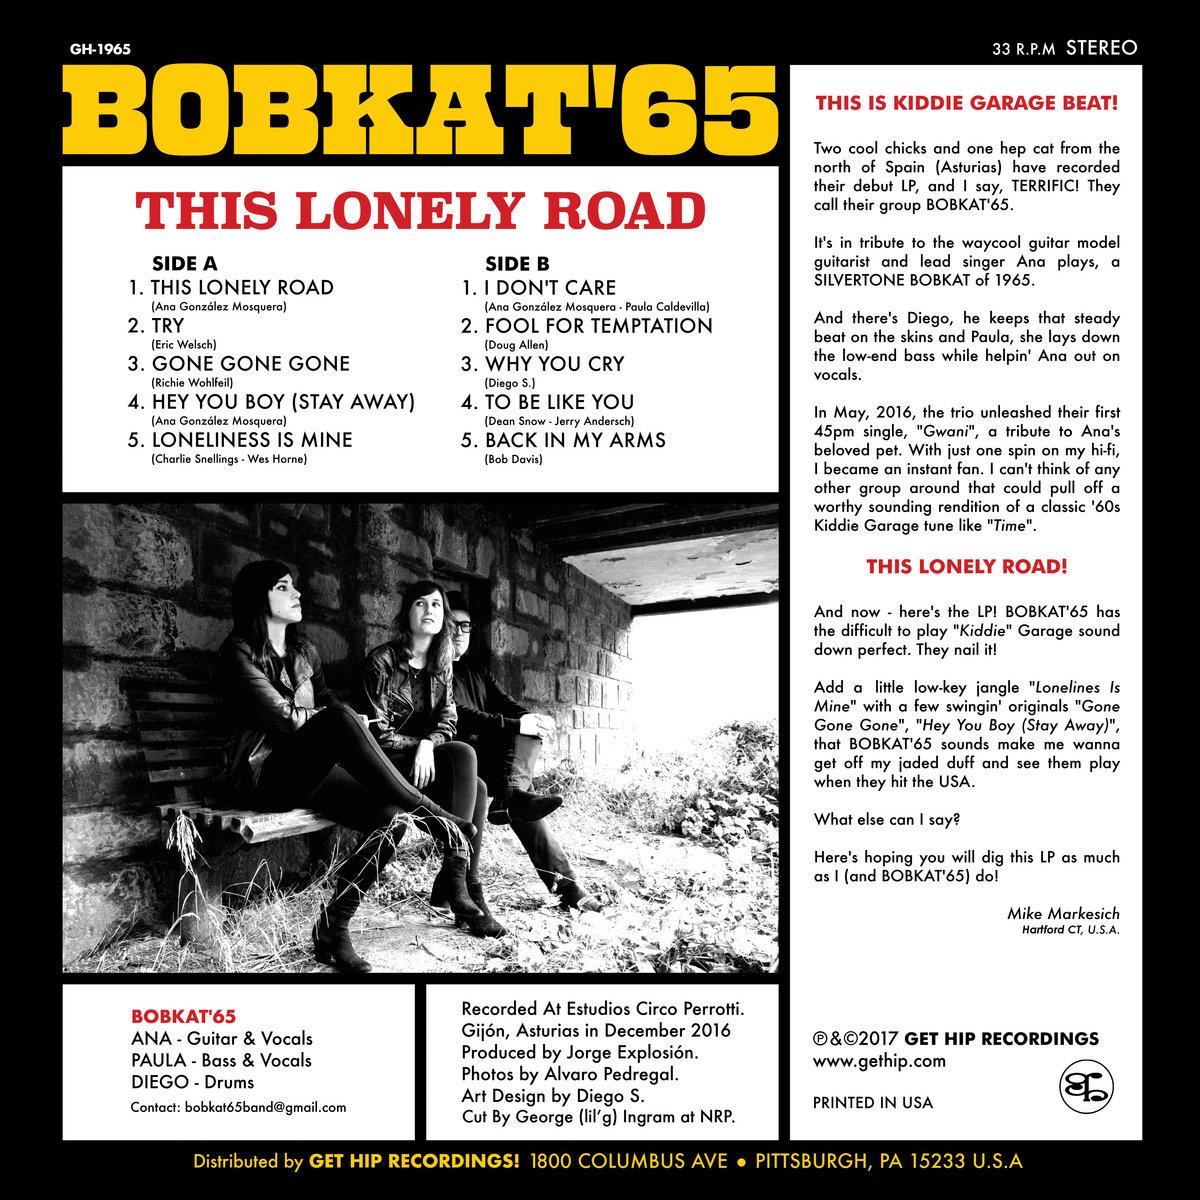 Bobkat'65 - This Lonely Road | BOBKAT'65